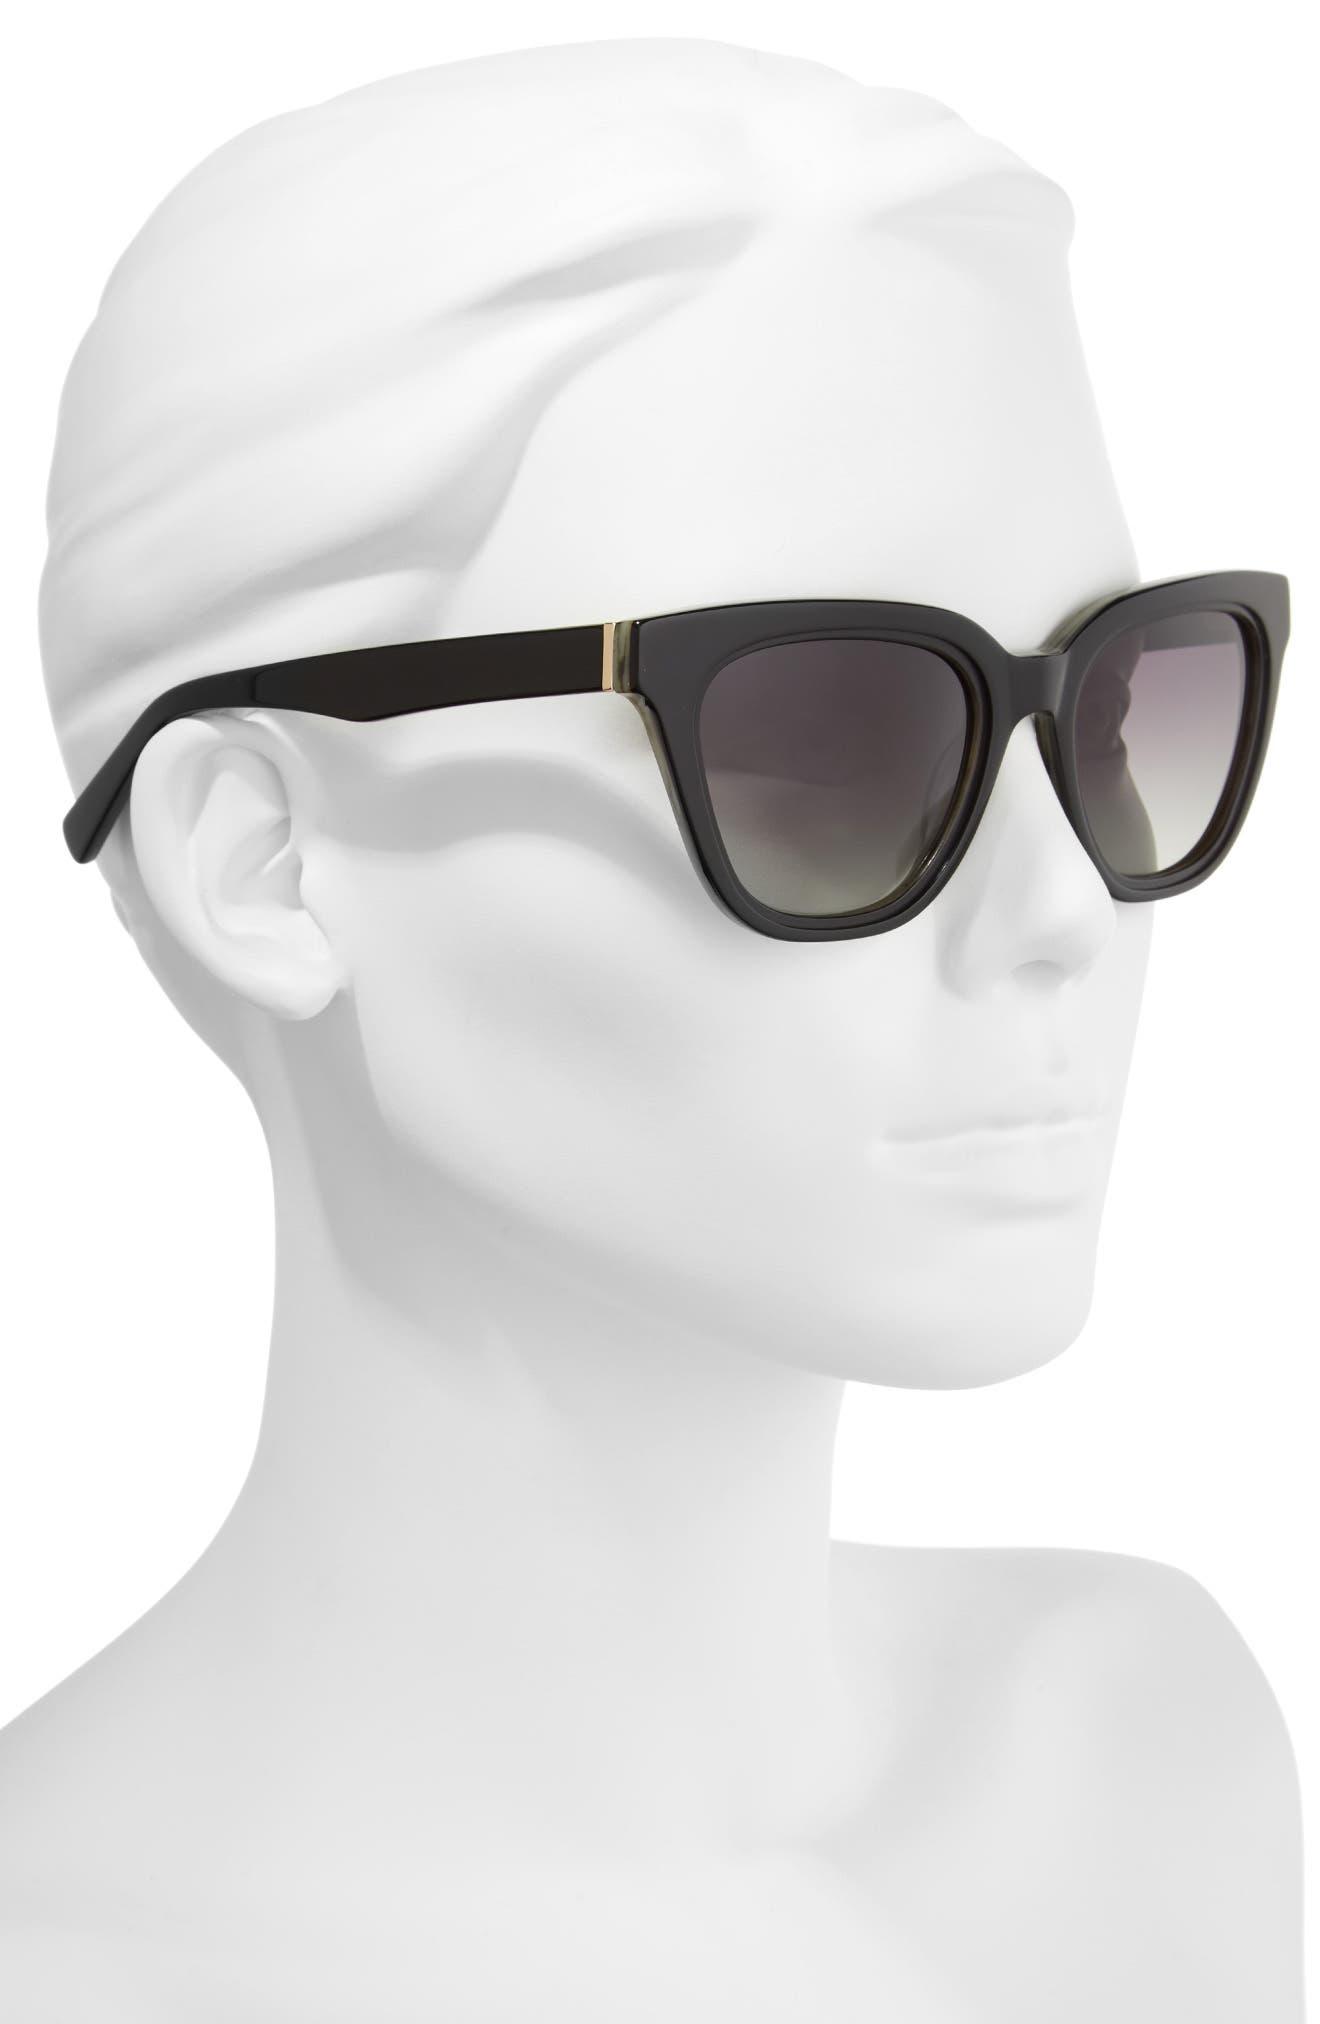 54mm Rectangular Cat Eye Sunglasses,                             Alternate thumbnail 2, color,                             001